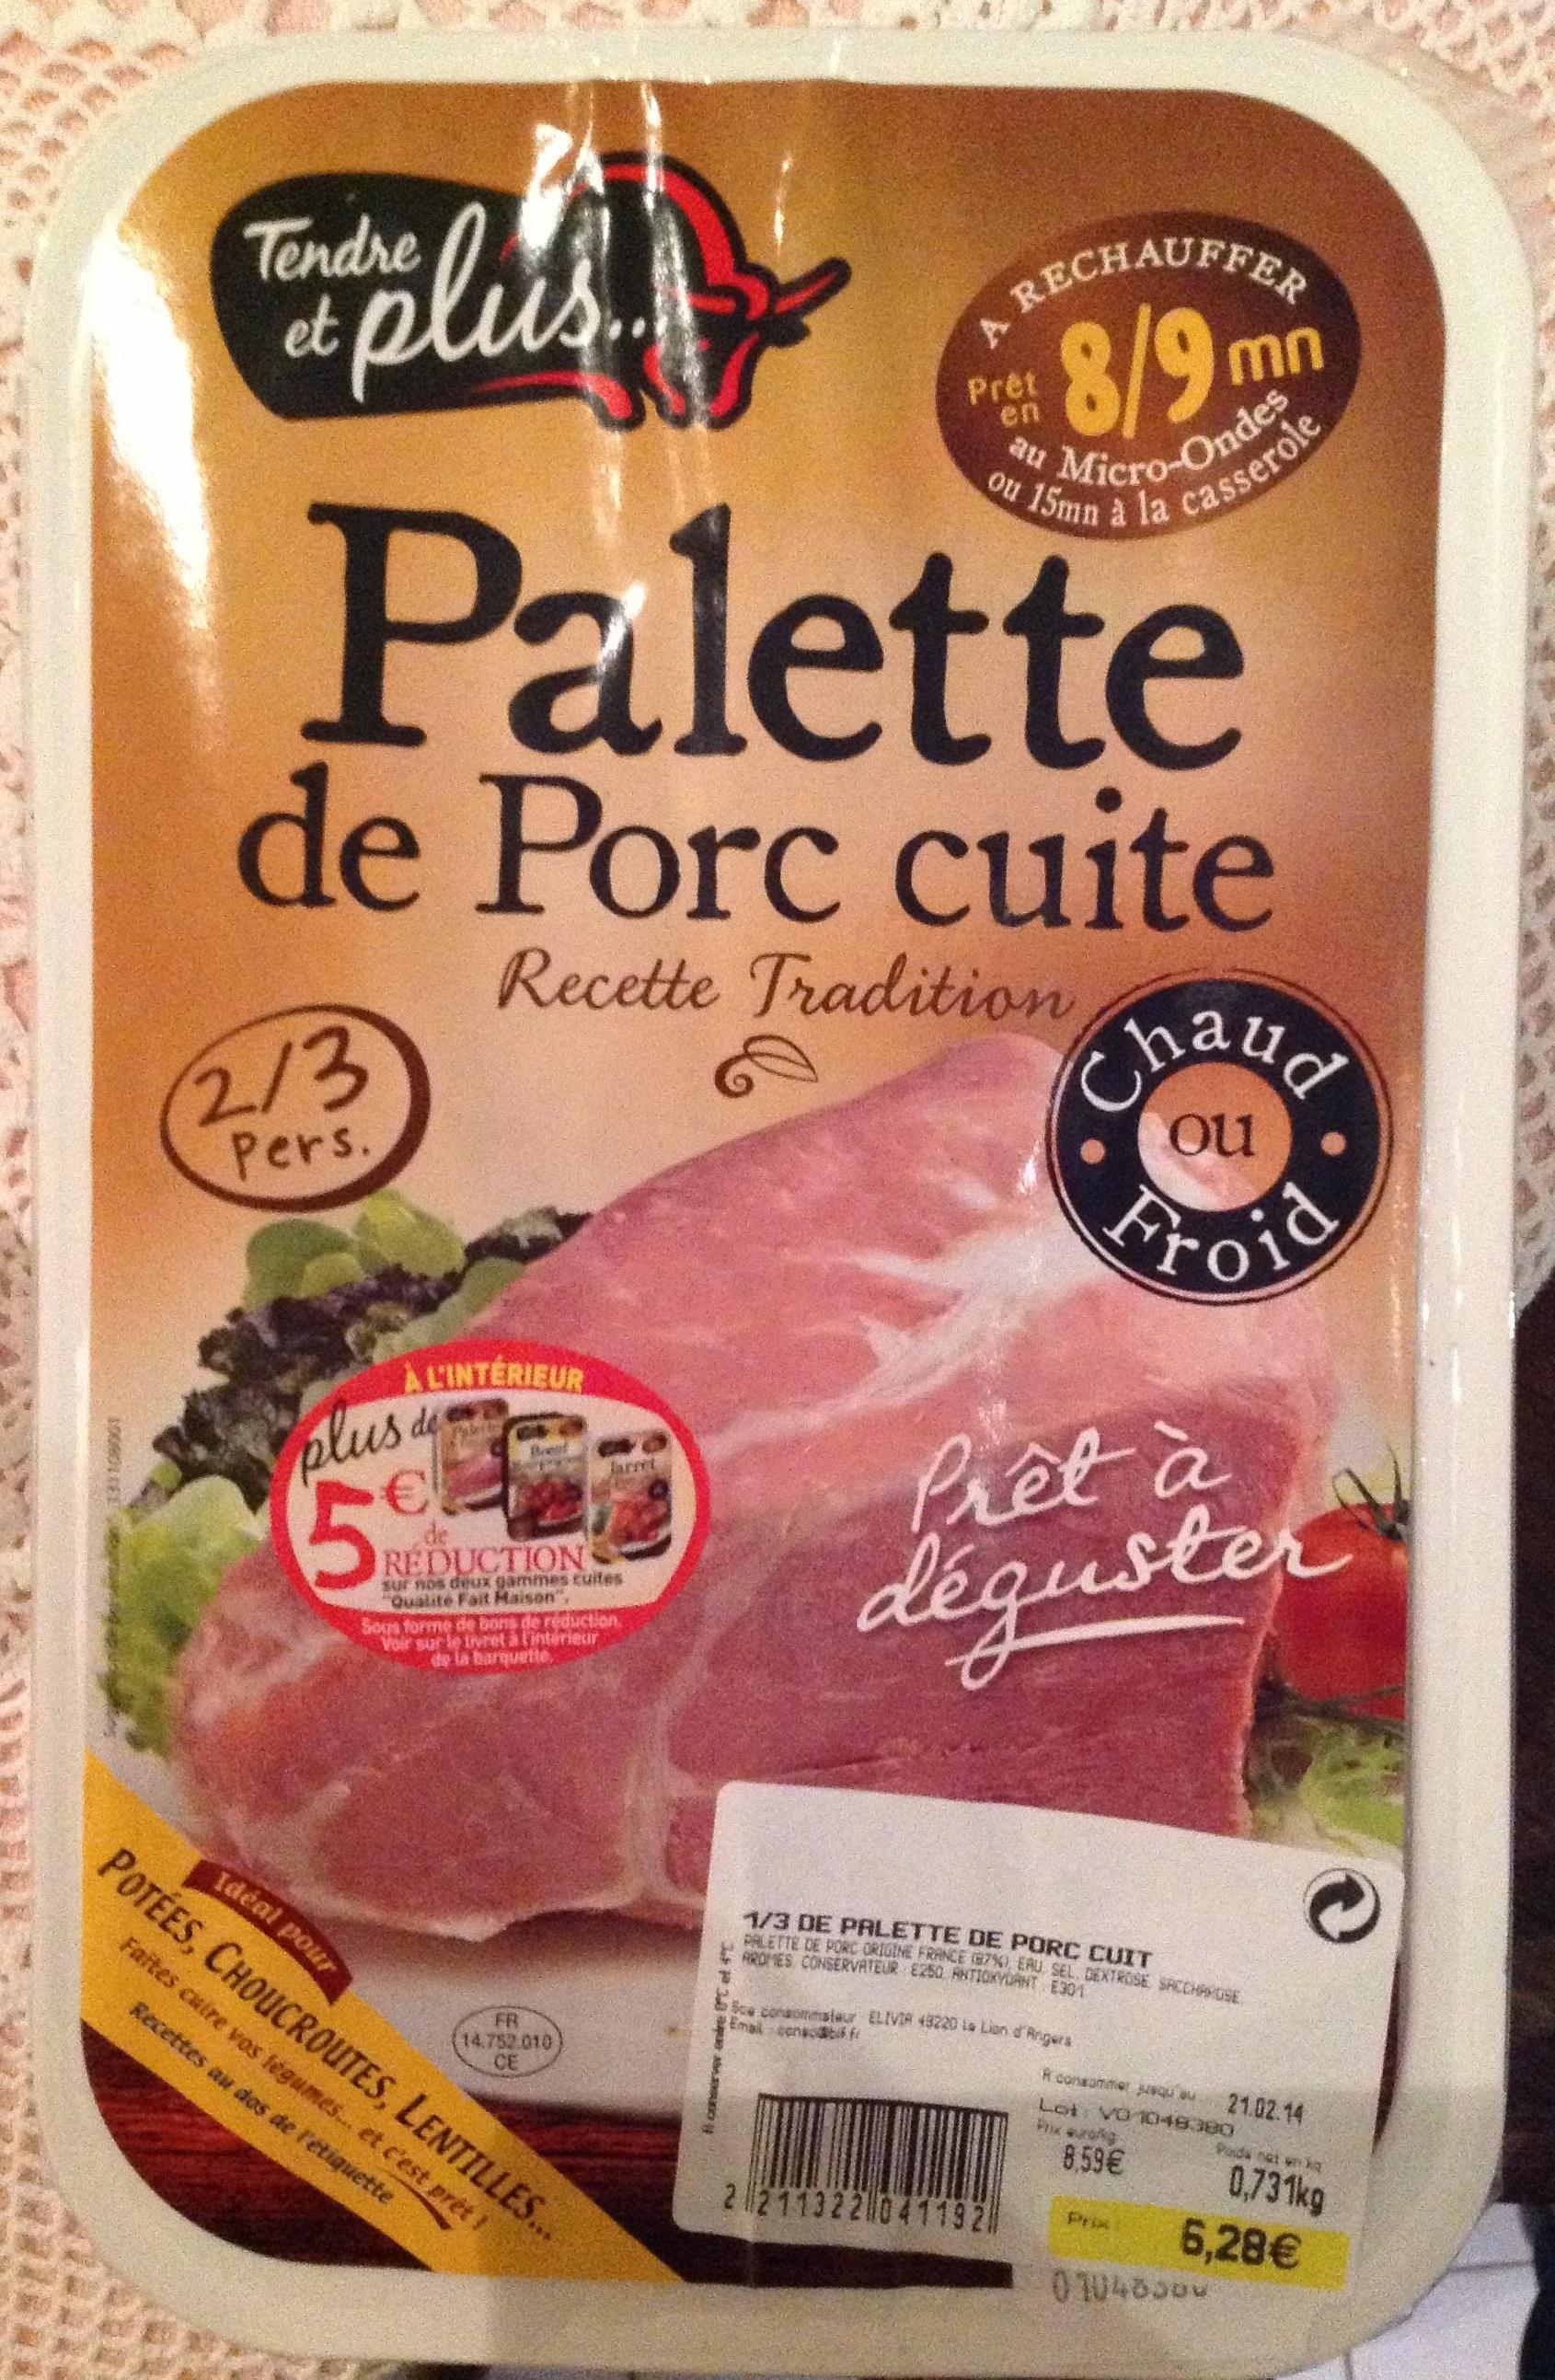 Palette de porc cuite tendre et plus 731 g - Cuisiner palette de porc ...